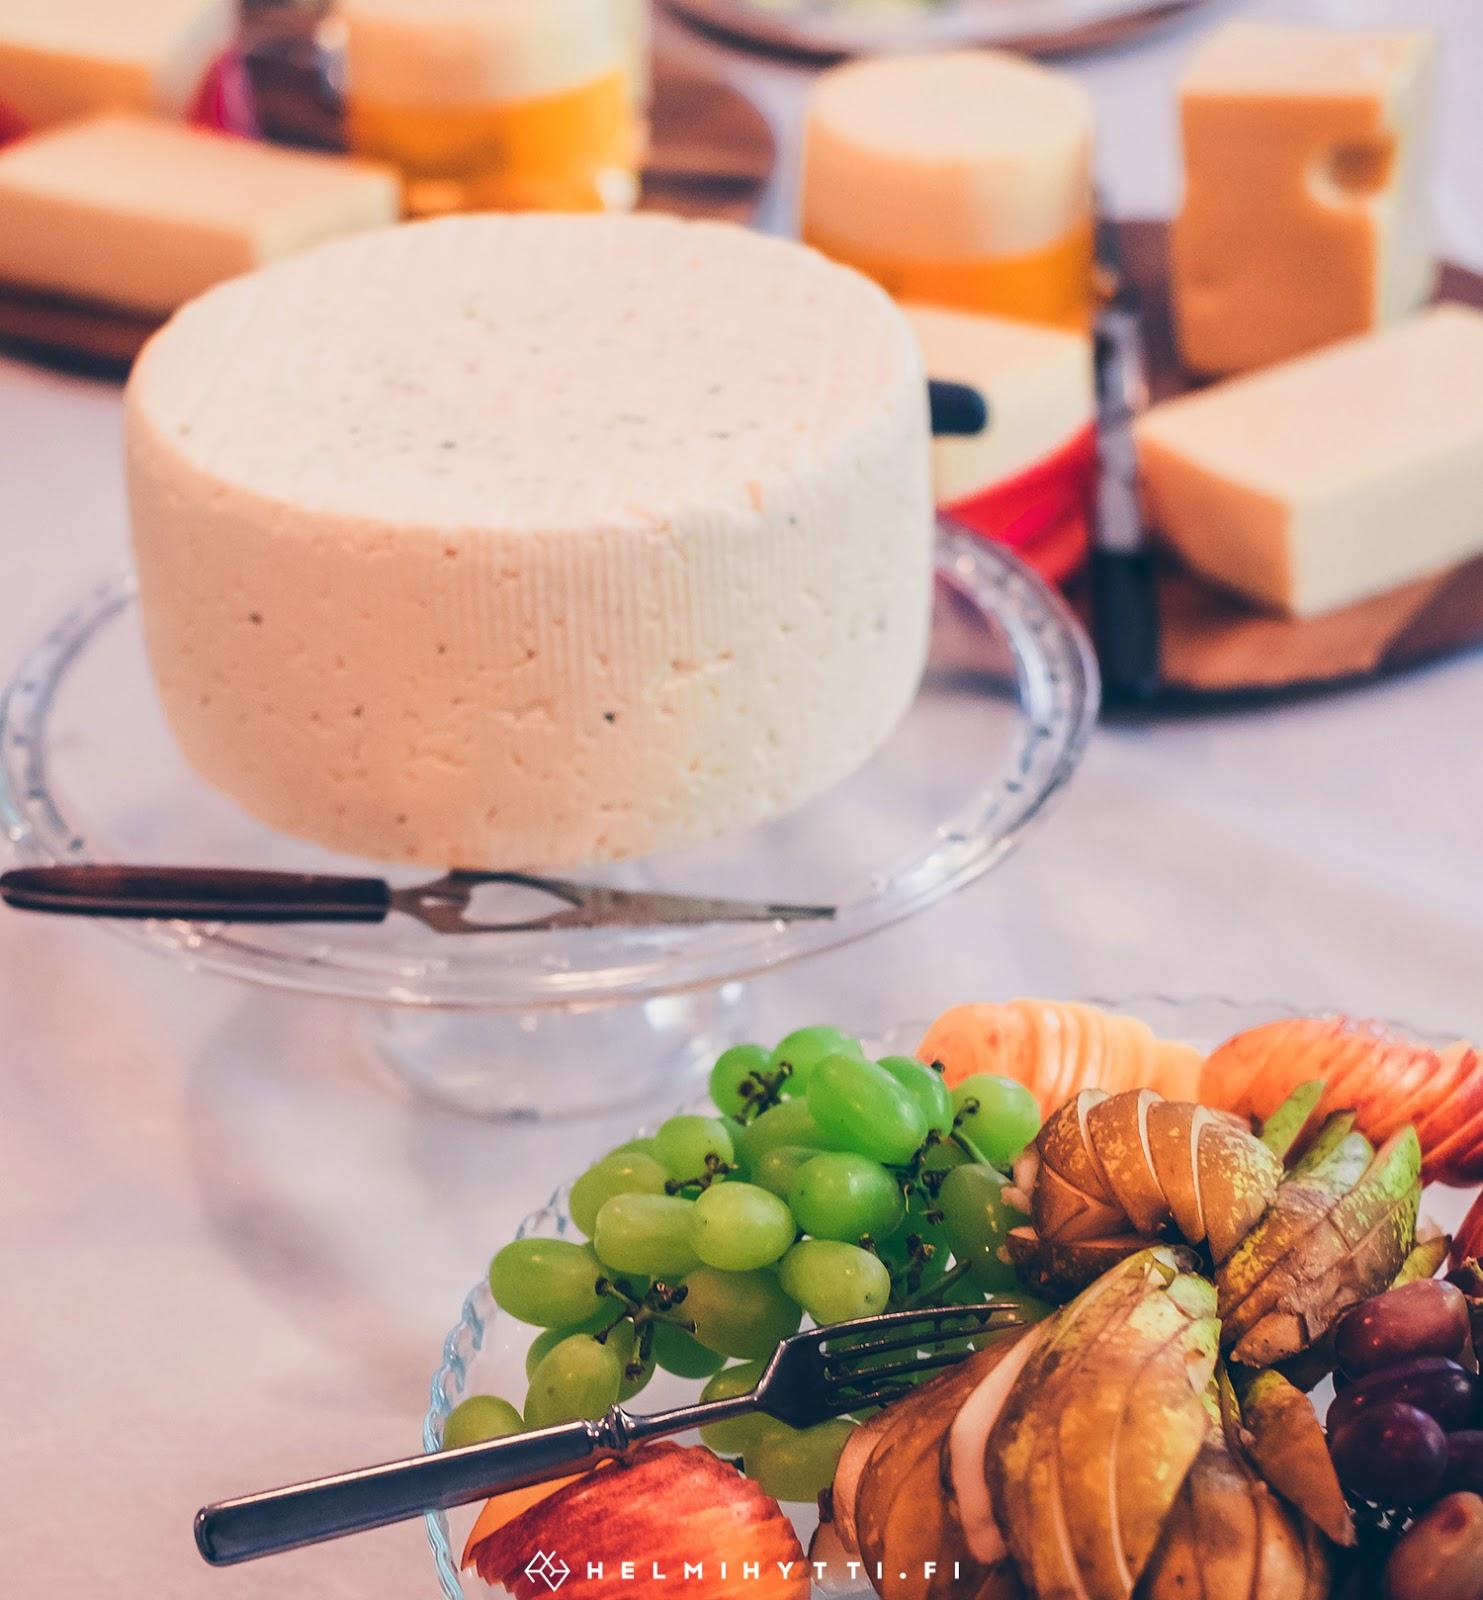 haat-juusto-buffet